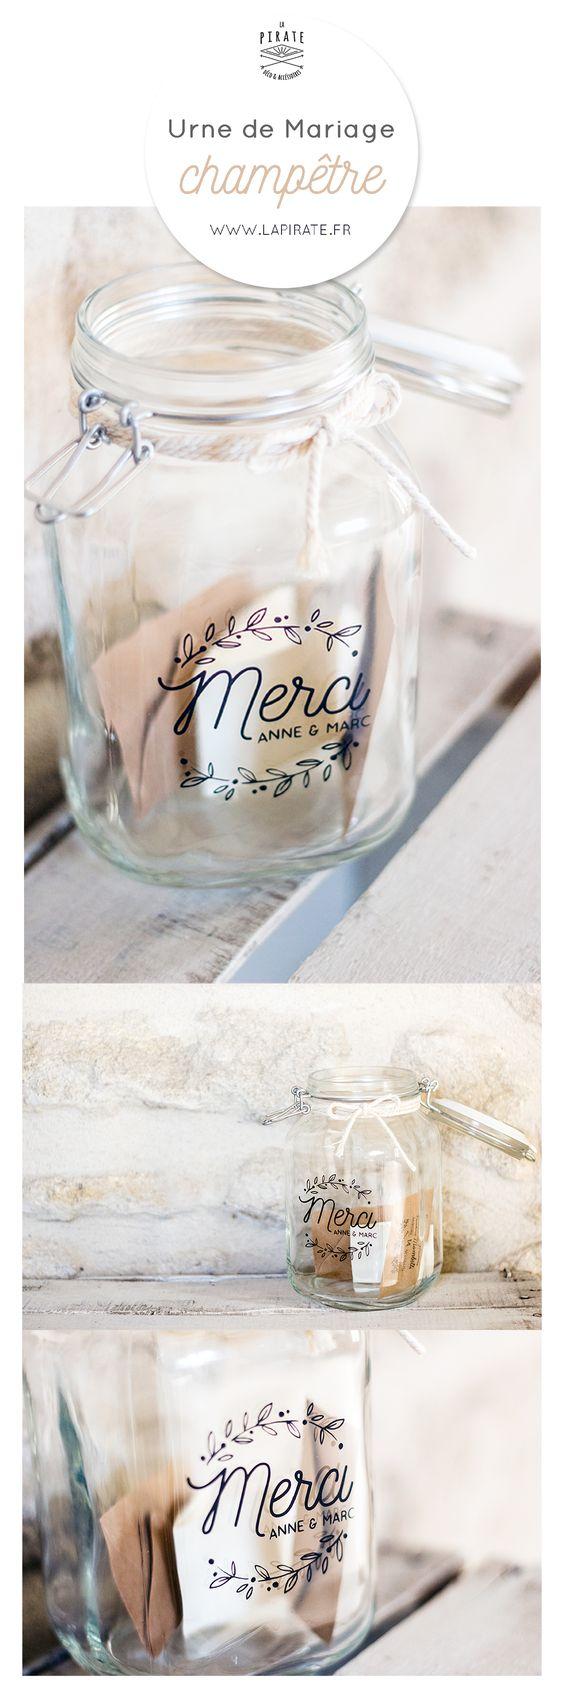 urne de mariage champêtre en verre